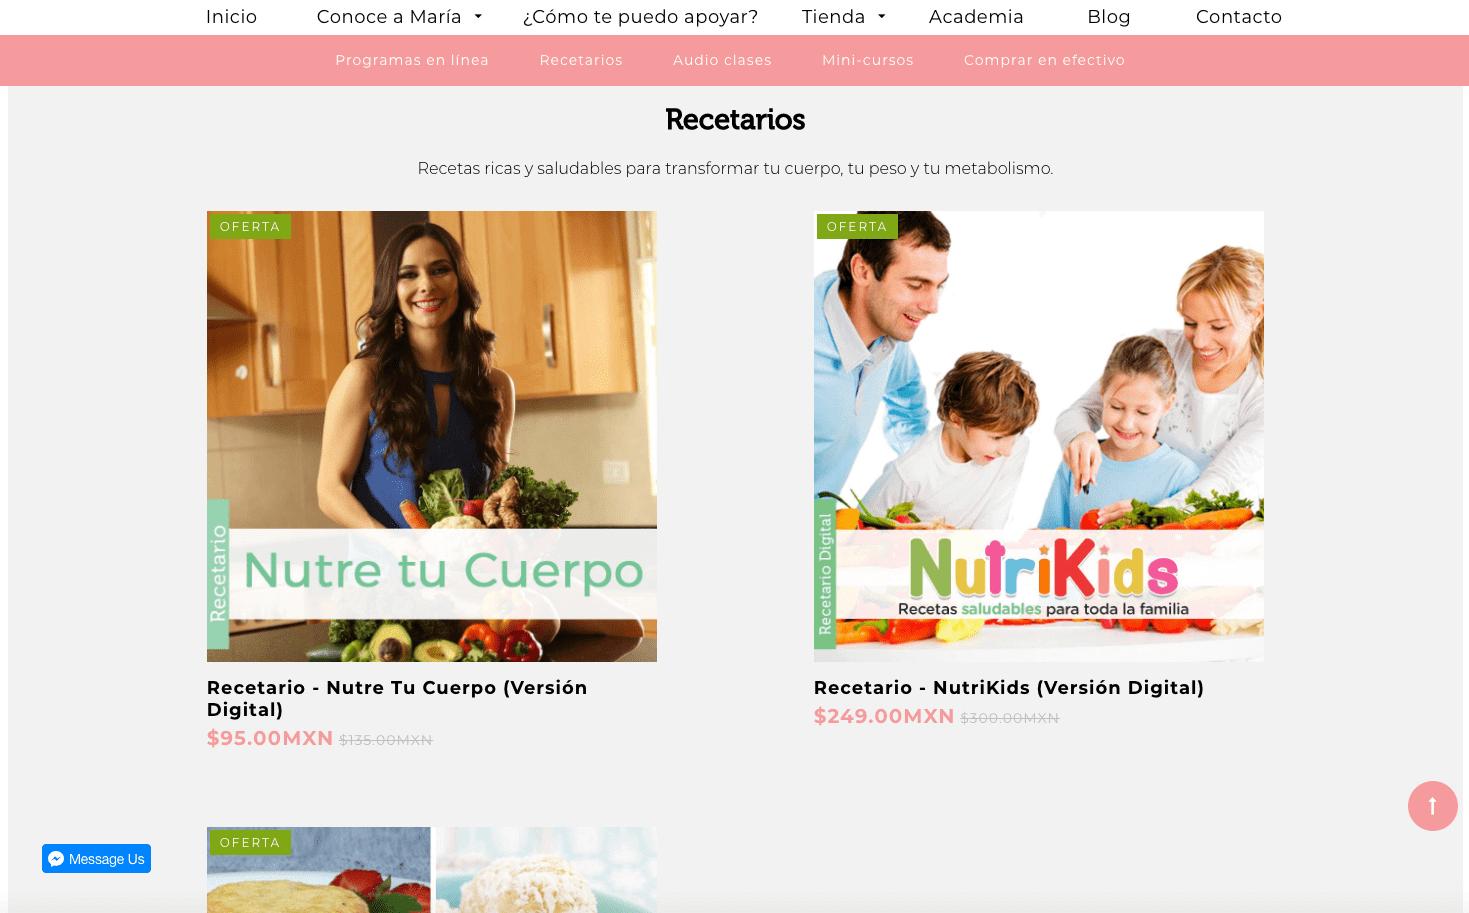 Tienda en línea de Maria Montemayor.png